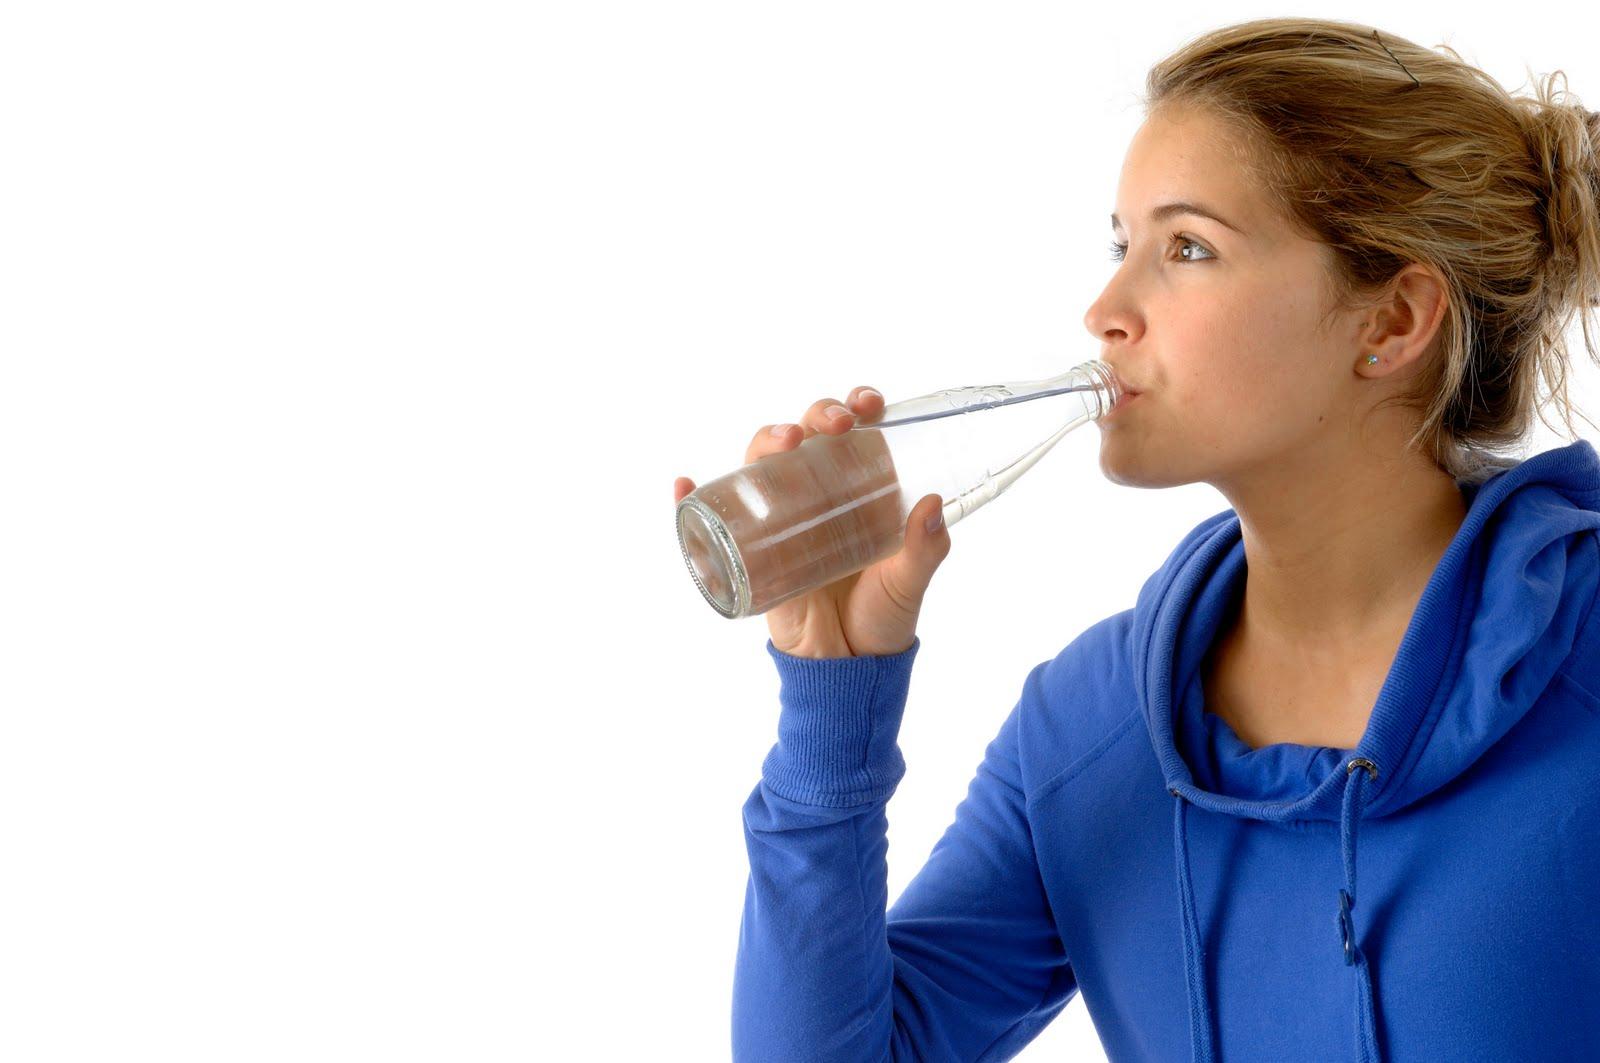 ventilador de teto Spirit - Blog Myspirit - mulher bebendo água - dicas para encarar os dias quentes